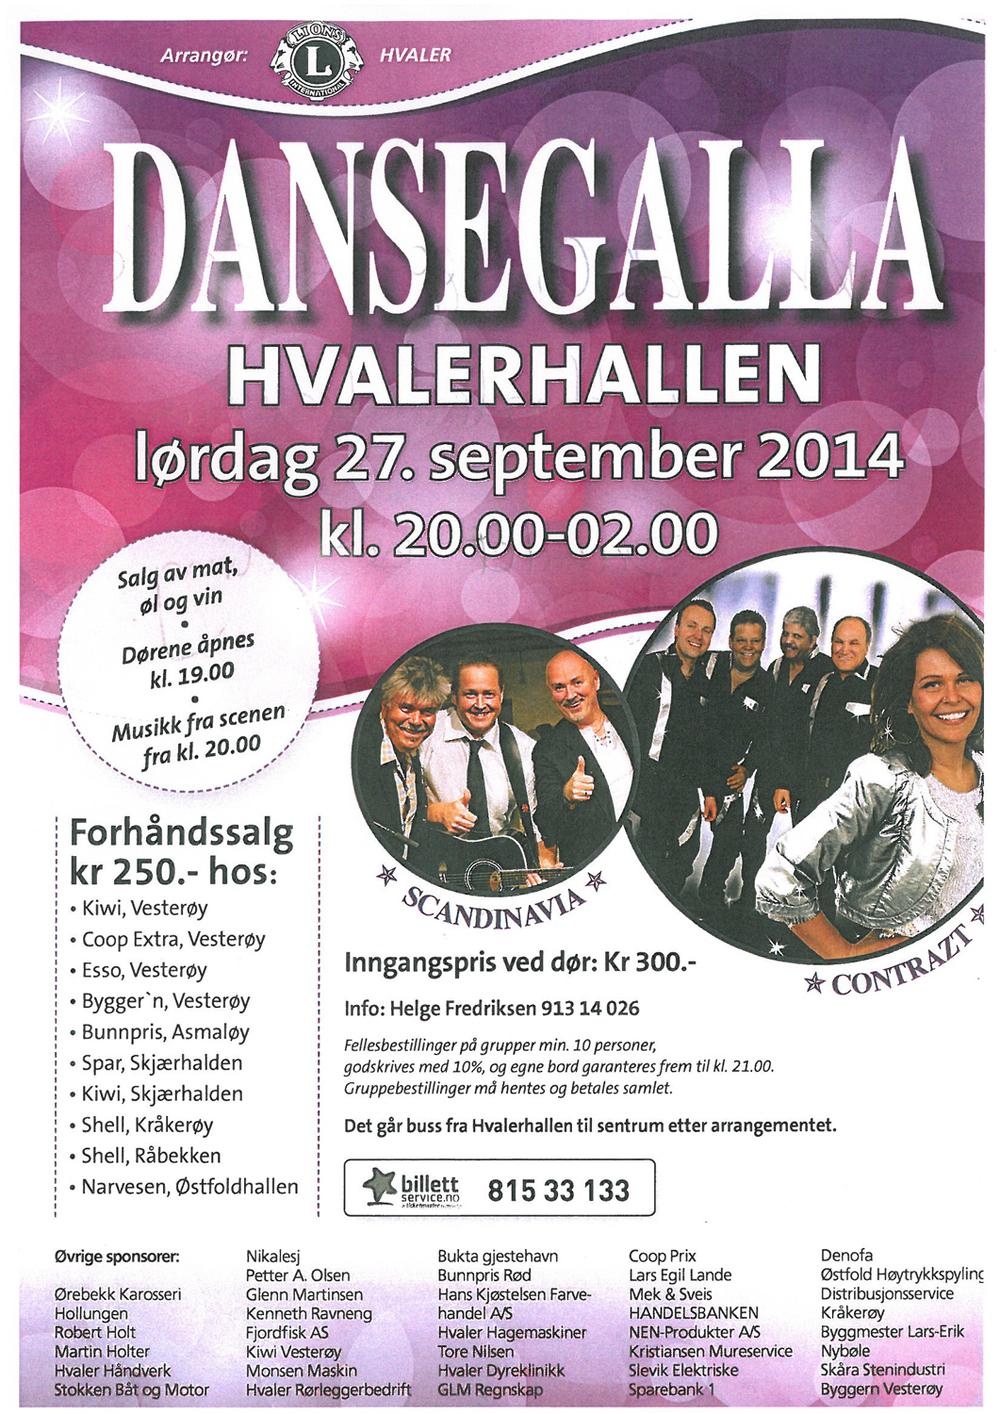 Dansegalla Hvaler